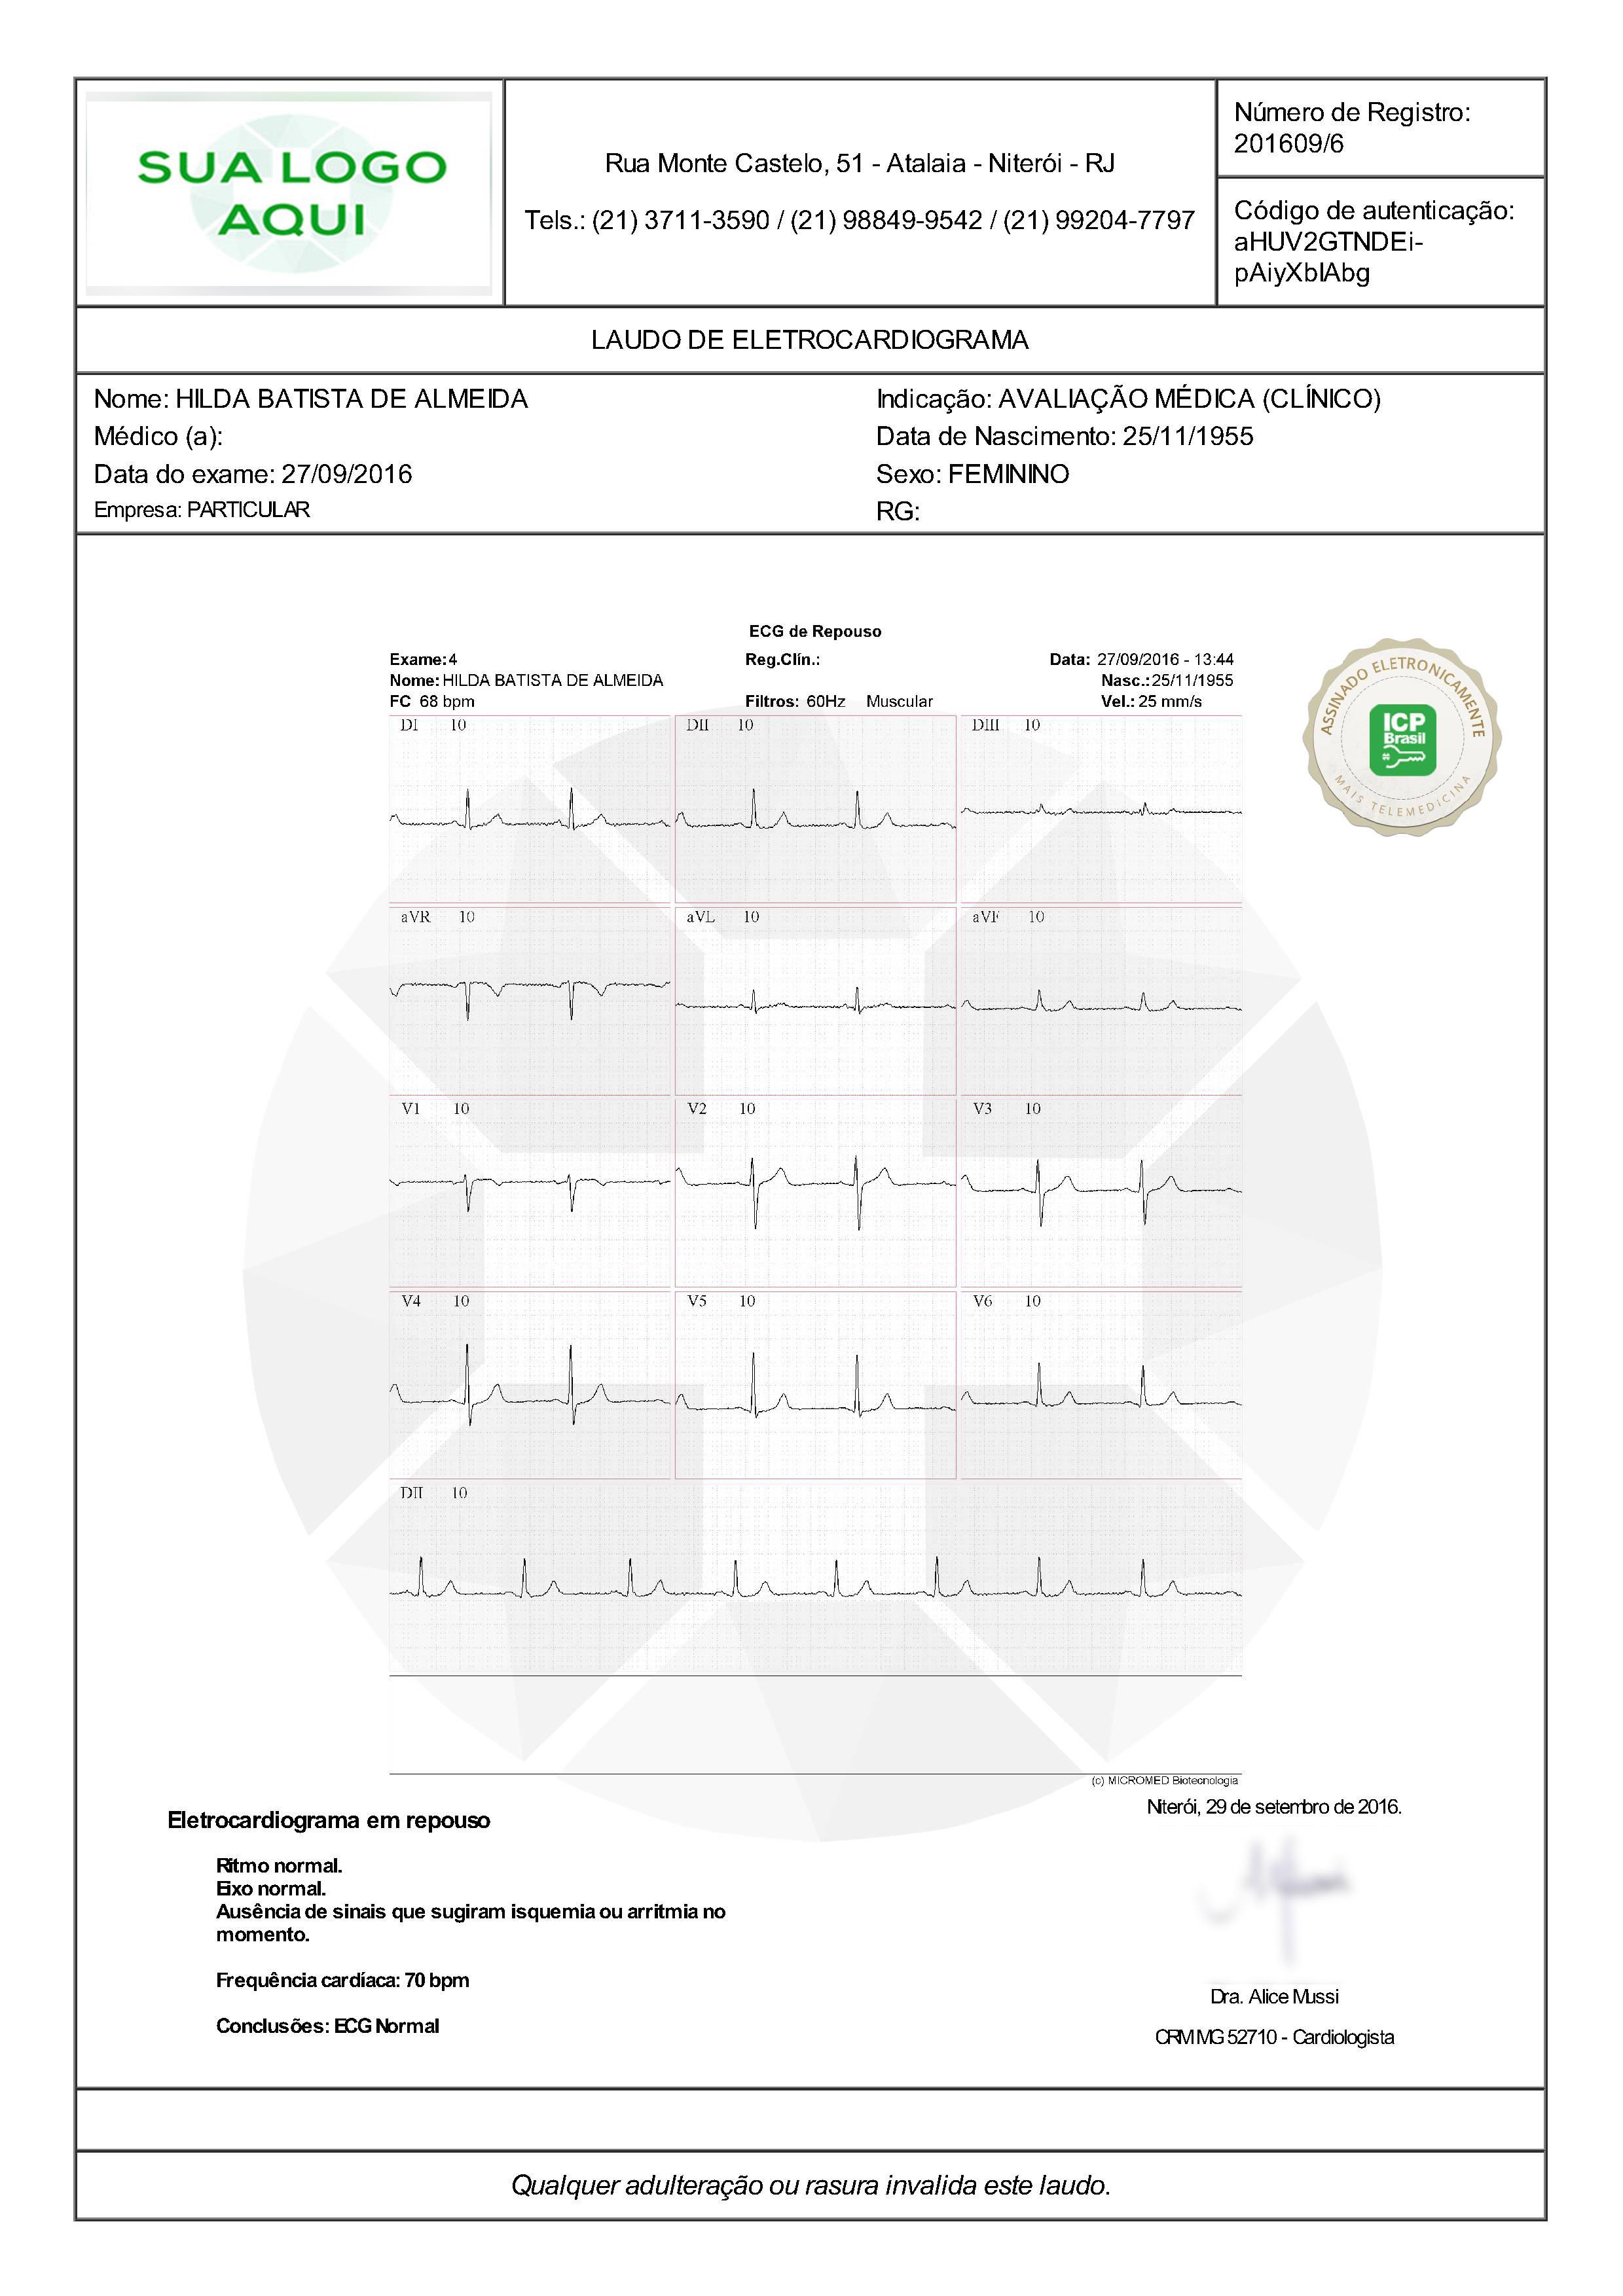 laudo médico de um eletrocardiograma